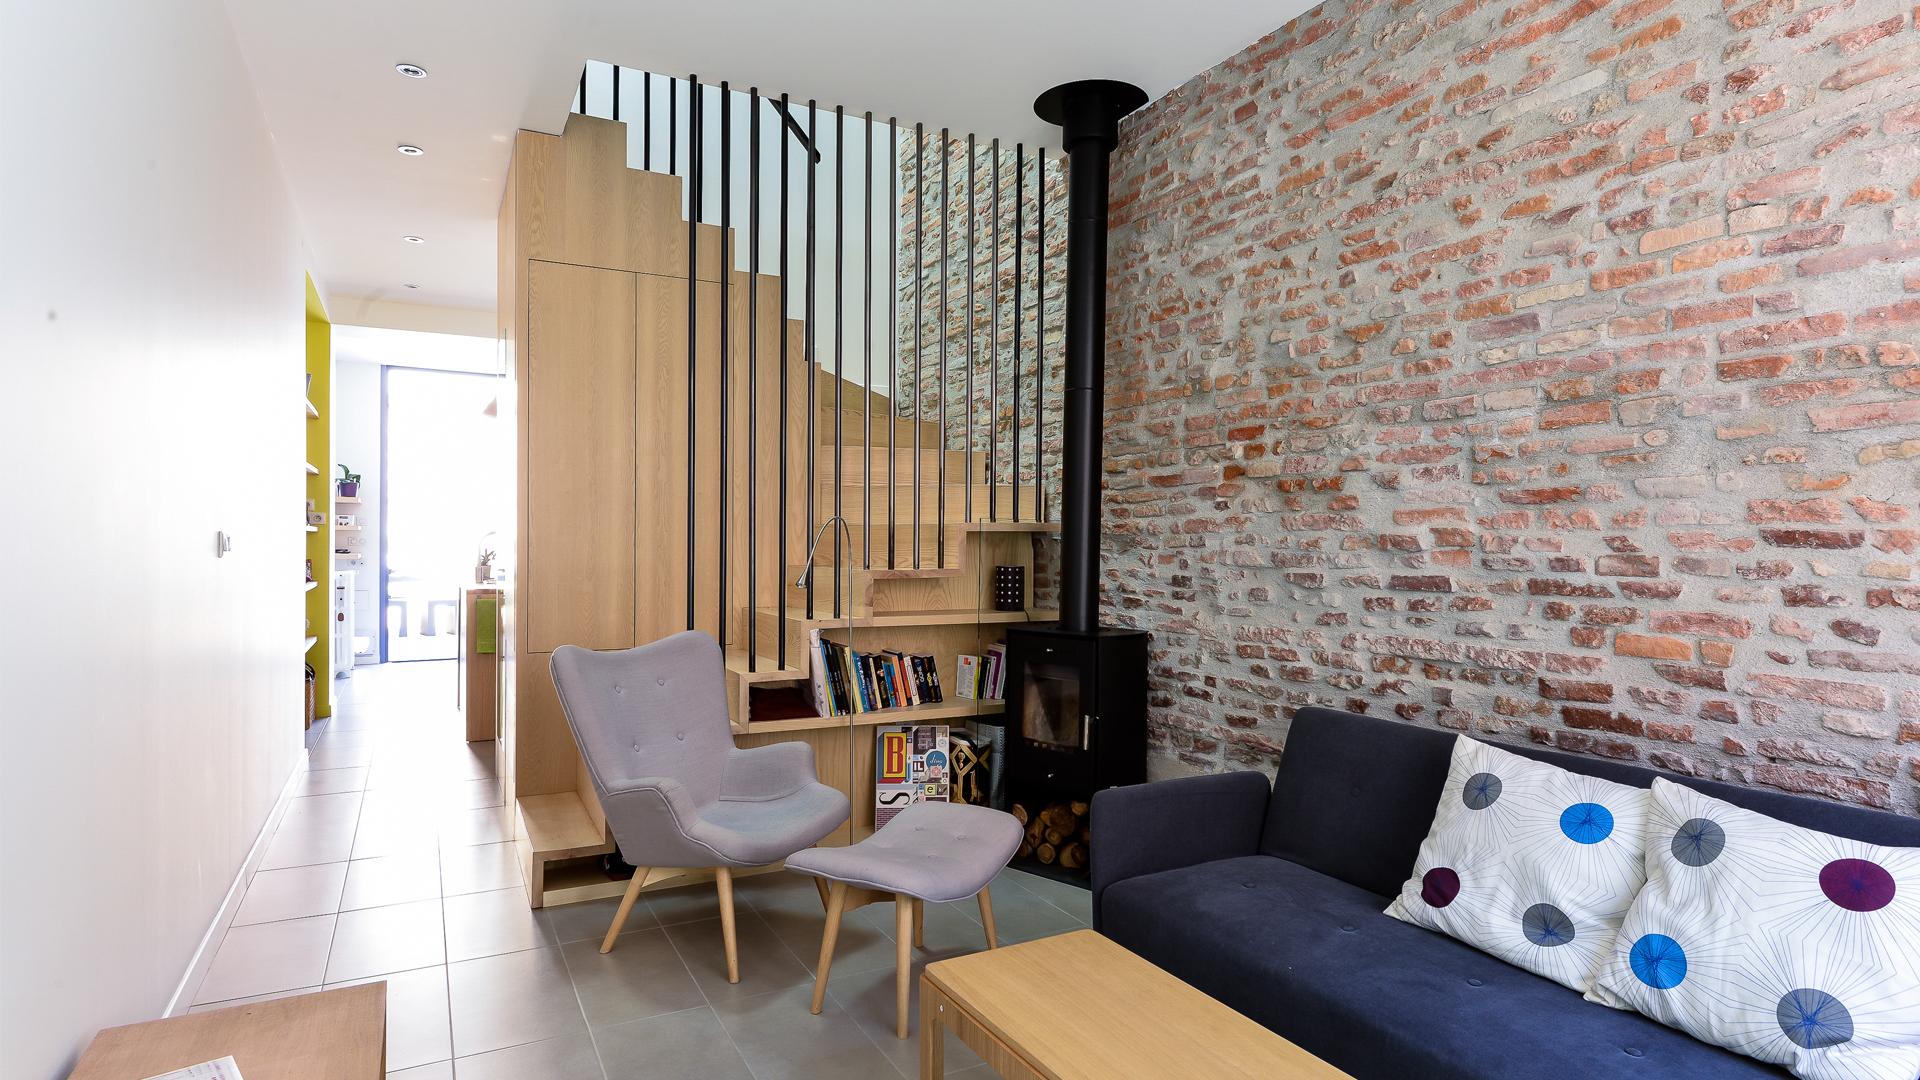 Design adapter le mobilier et optimiser l 39 espace for Cuisines design industries saint philbert de bouaine